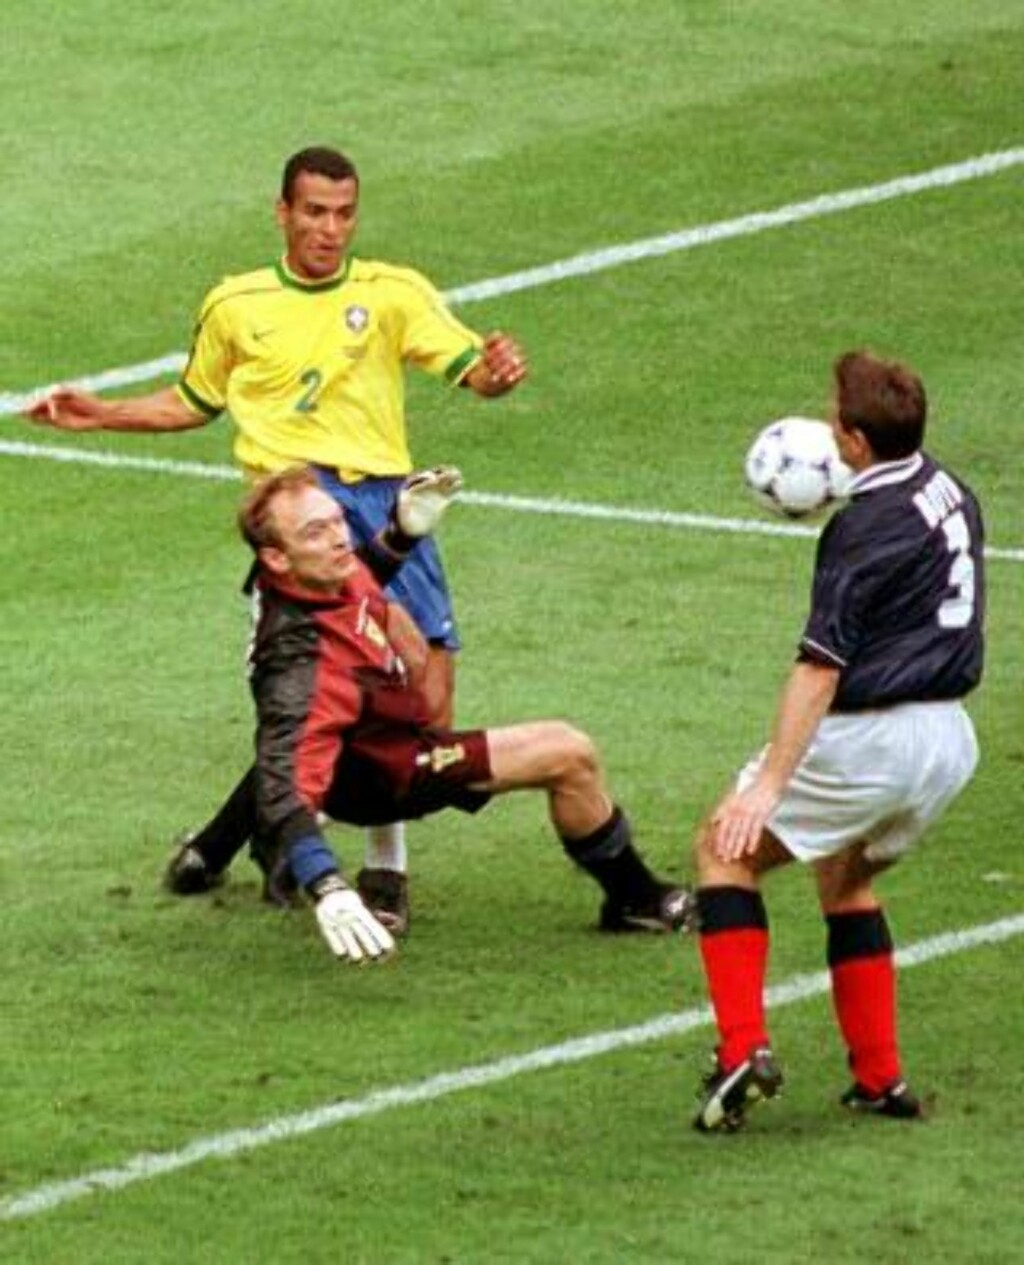 DETTE ER OGSÅ LOV: ... men ikke å anbefale. Skotske Tommy Boyd scorer selvmål med skulderen mot Brasil under VM 1998. Scoringen ga Brasil 2-1-seier, som bidro til at de vant gruppe A ett poeng foran Norge.Foto: Remy de la Mauviniere, AP/Scanpix